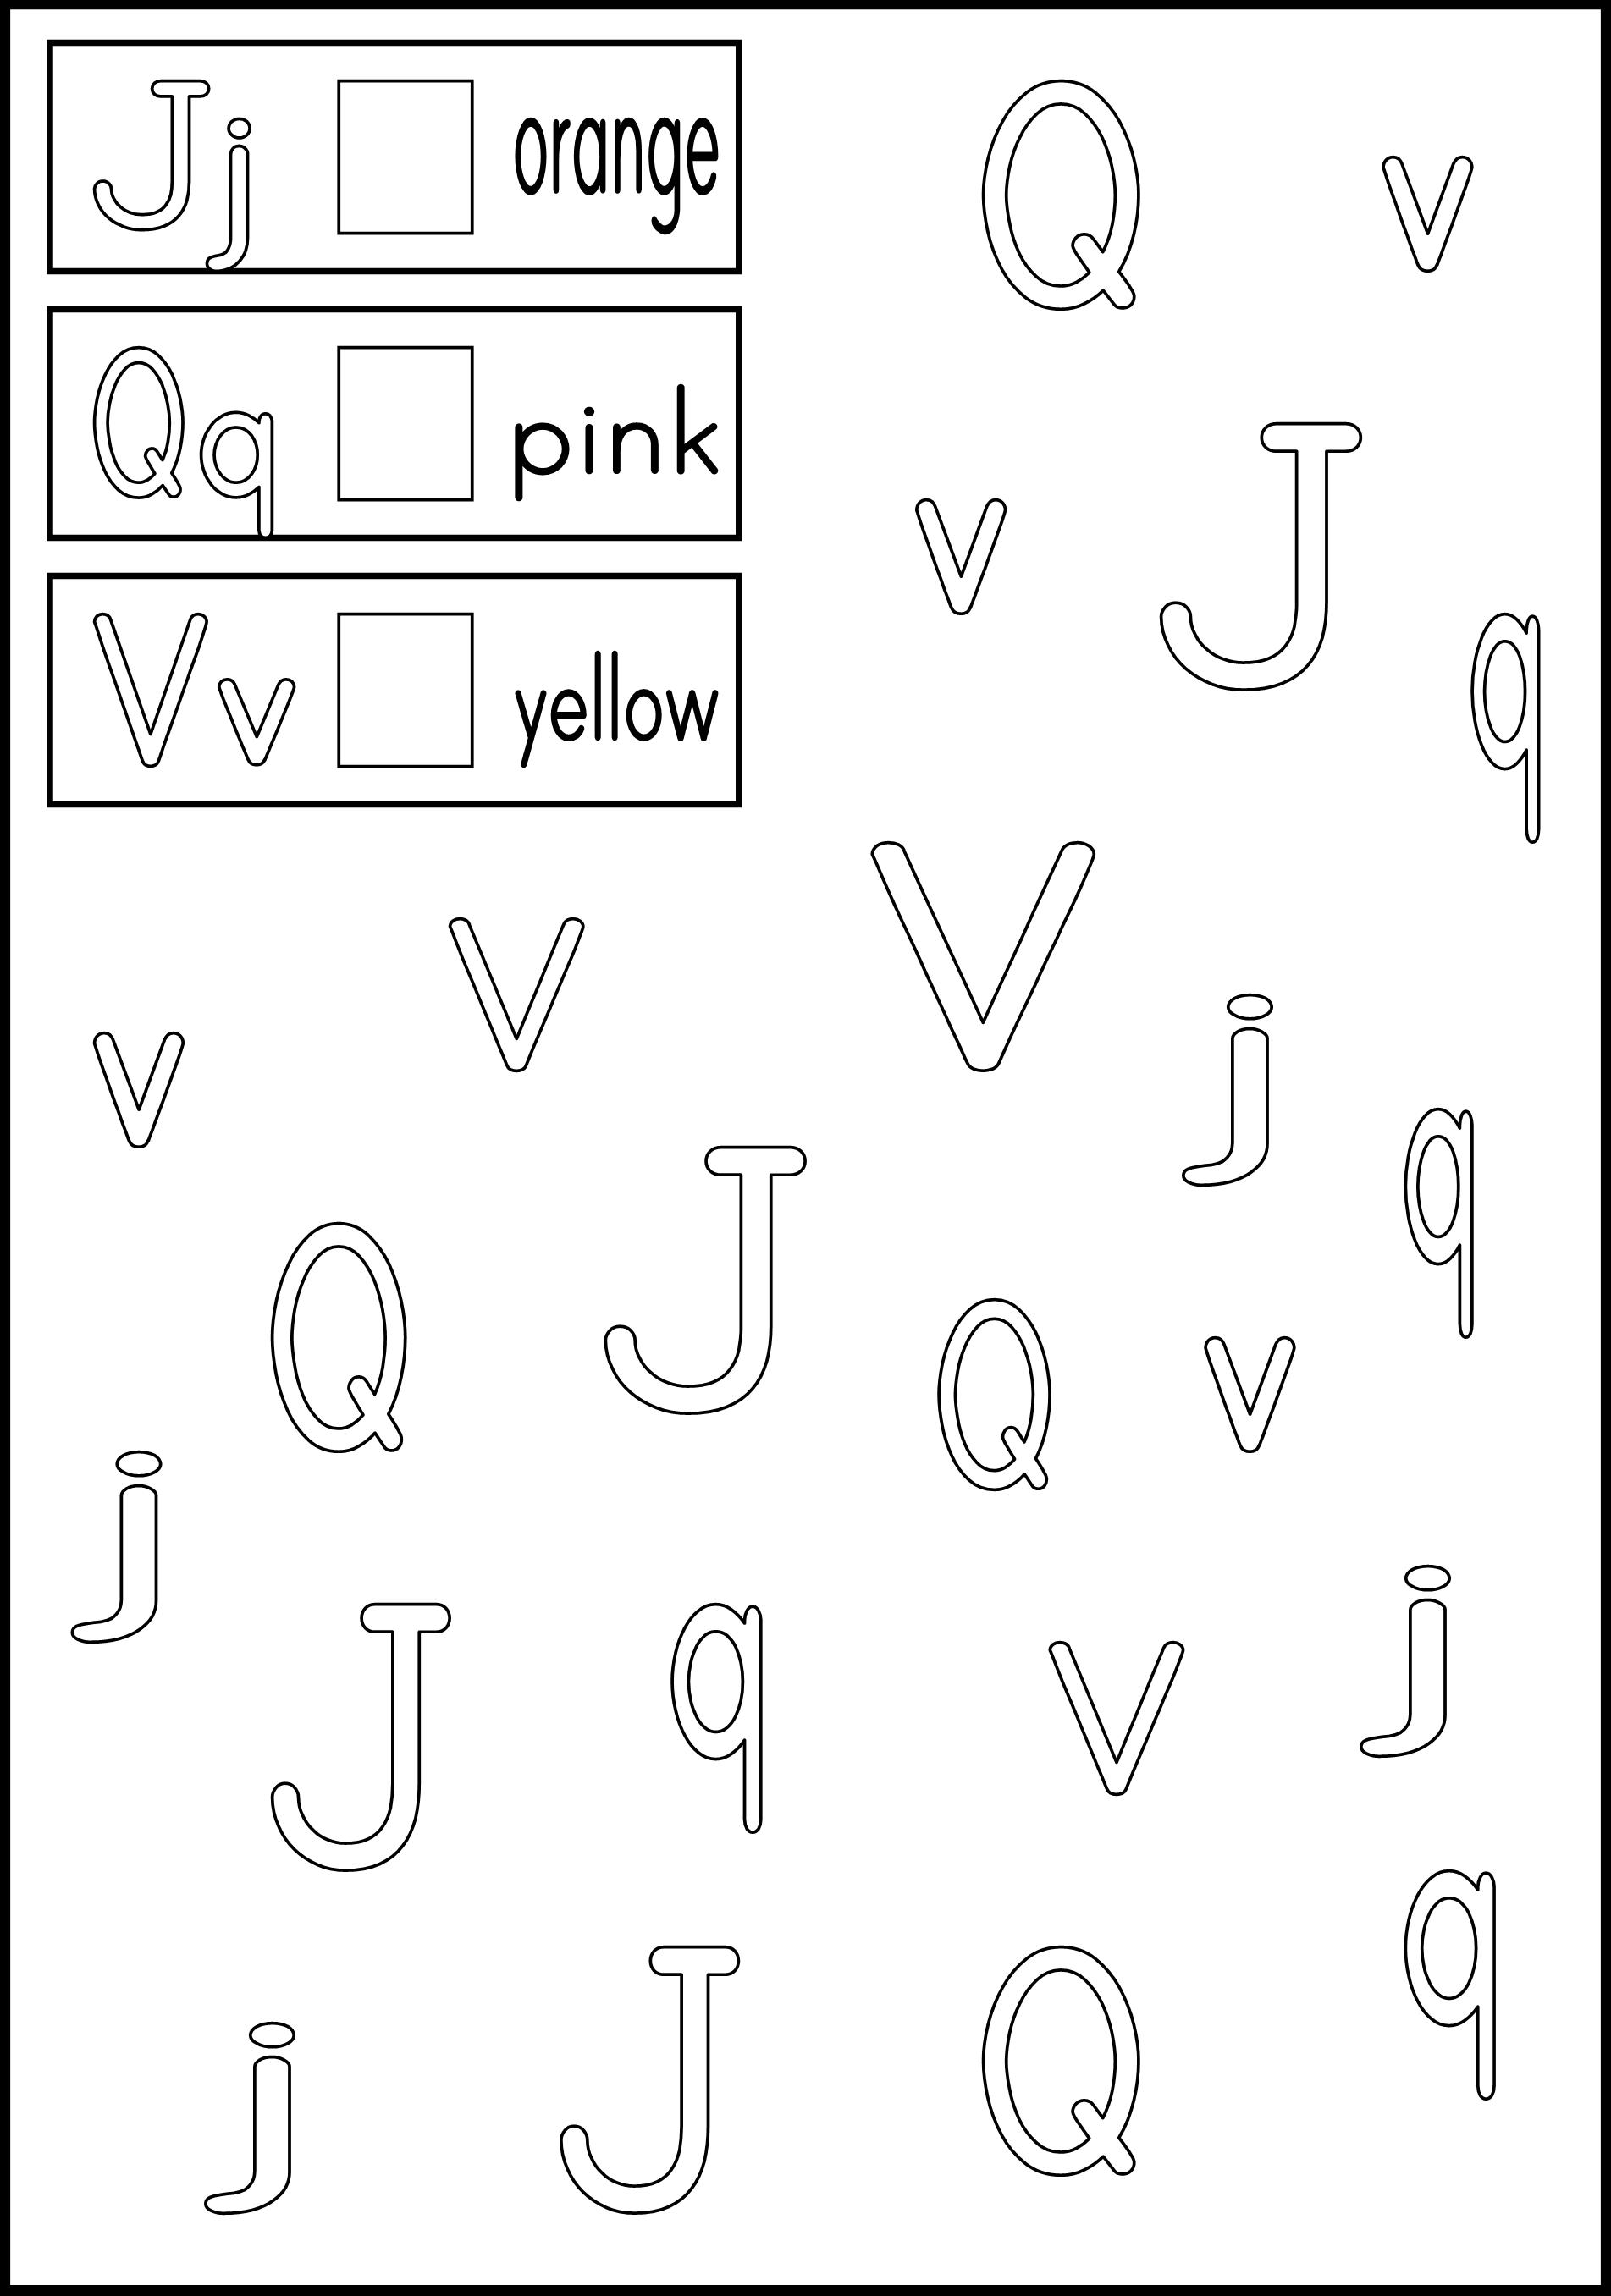 Kidstv123 Com Alphabet Worksheets Alphabet Preschool Letter Recognition Letter Recognition Worksheets [ 2713 x 1903 Pixel ]